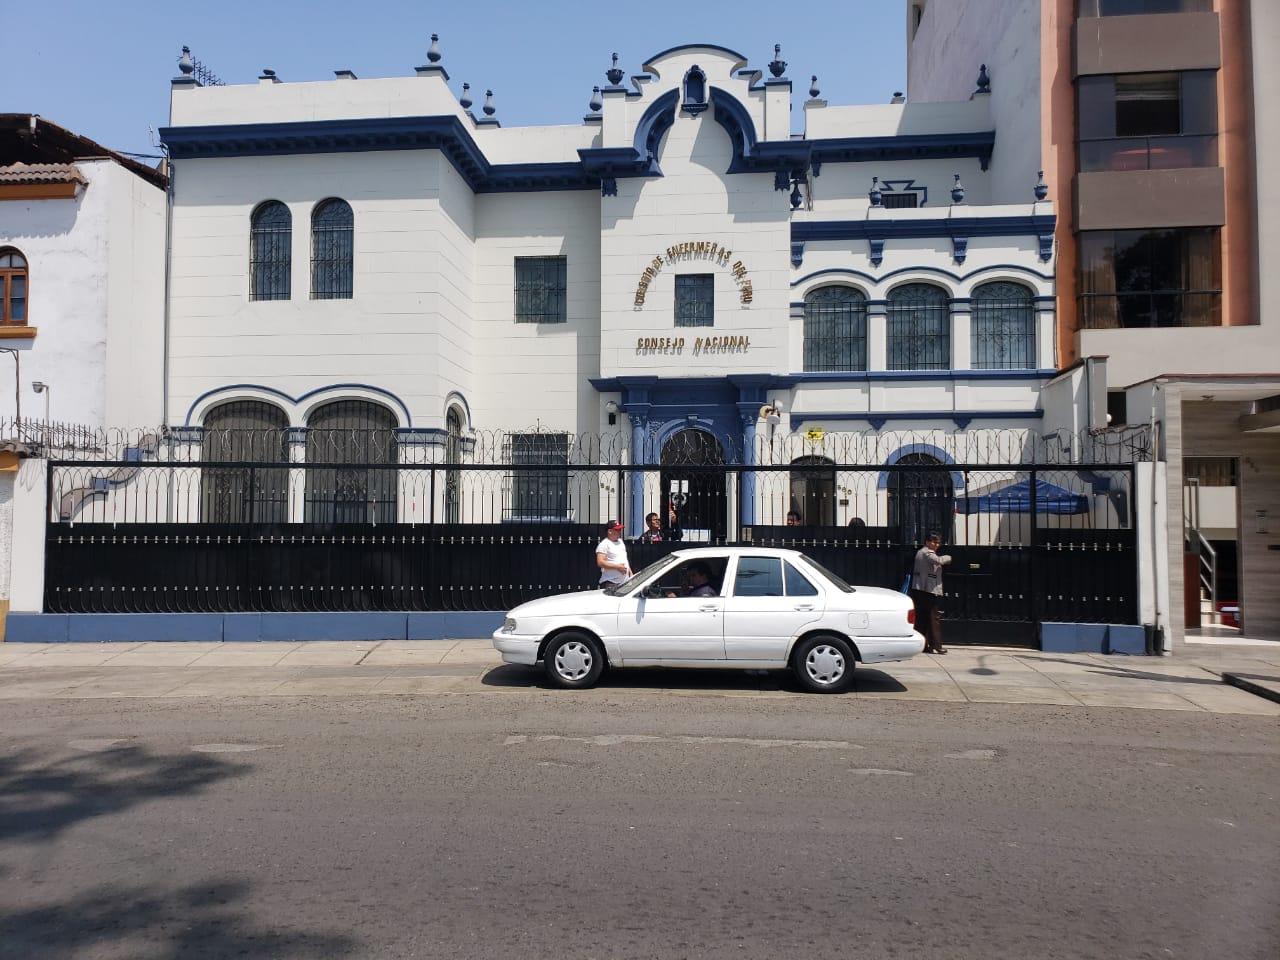 Gestión de la Decana Nacional Liliana La Rosa, permitió la apertura del local del Colegio de Enfermeros del Perú